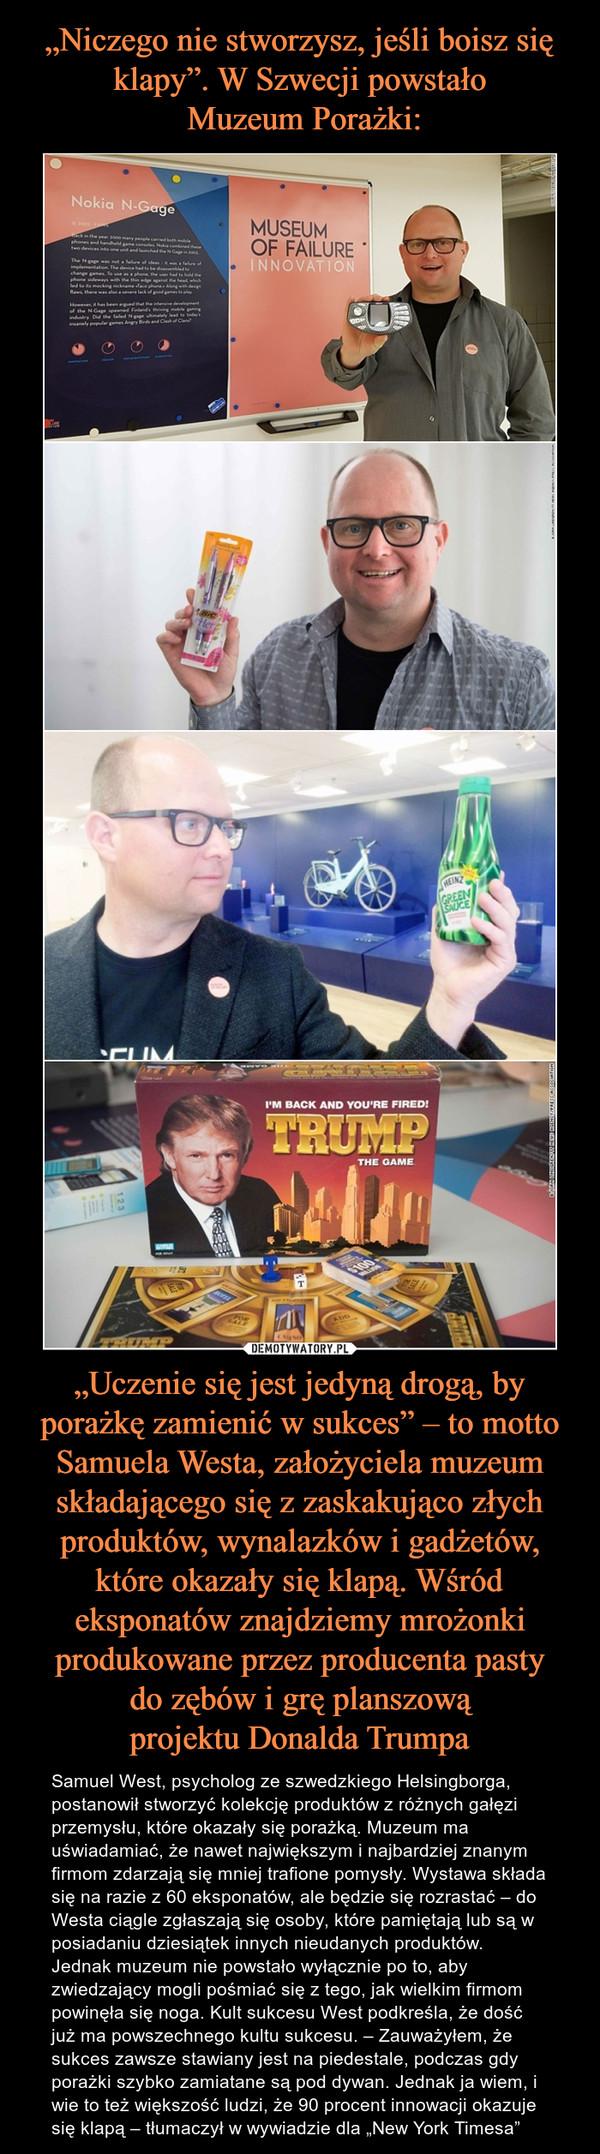 """""""Uczenie się jest jedyną drogą, by porażkę zamienić w sukces"""" – to motto Samuela Westa, założyciela muzeum składającego się z zaskakująco złych produktów, wynalazków i gadżetów, które okazały się klapą. Wśród eksponatów znajdziemy mrożonki produkowane przez producenta pasty do zębów i grę planszową projektu Donalda Trumpa – Samuel West, psycholog ze szwedzkiego Helsingborga, postanowił stworzyć kolekcję produktów z różnych gałęzi przemysłu, które okazały się porażką. Muzeum ma uświadamiać, że nawet największym i najbardziej znanym firmom zdarzają się mniej trafione pomysły. Wystawa składa się na razie z 60 eksponatów, ale będzie się rozrastać – do Westa ciągle zgłaszają się osoby, które pamiętają lub są w posiadaniu dziesiątek innych nieudanych produktów. Jednak muzeum nie powstało wyłącznie po to, aby zwiedzający mogli pośmiać się z tego, jak wielkim firmom powinęła się noga. Kult sukcesu West podkreśla, że dość już ma powszechnego kultu sukcesu. – Zauważyłem, że sukces zawsze stawiany jest na piedestale, podczas gdy porażki szybko zamiatane są pod dywan. Jednak ja wiem, i wie to też większość ludzi, że 90 procent innowacji okazuje się klapą – tłumaczył w wywiadzie dla """"New York Timesa"""""""